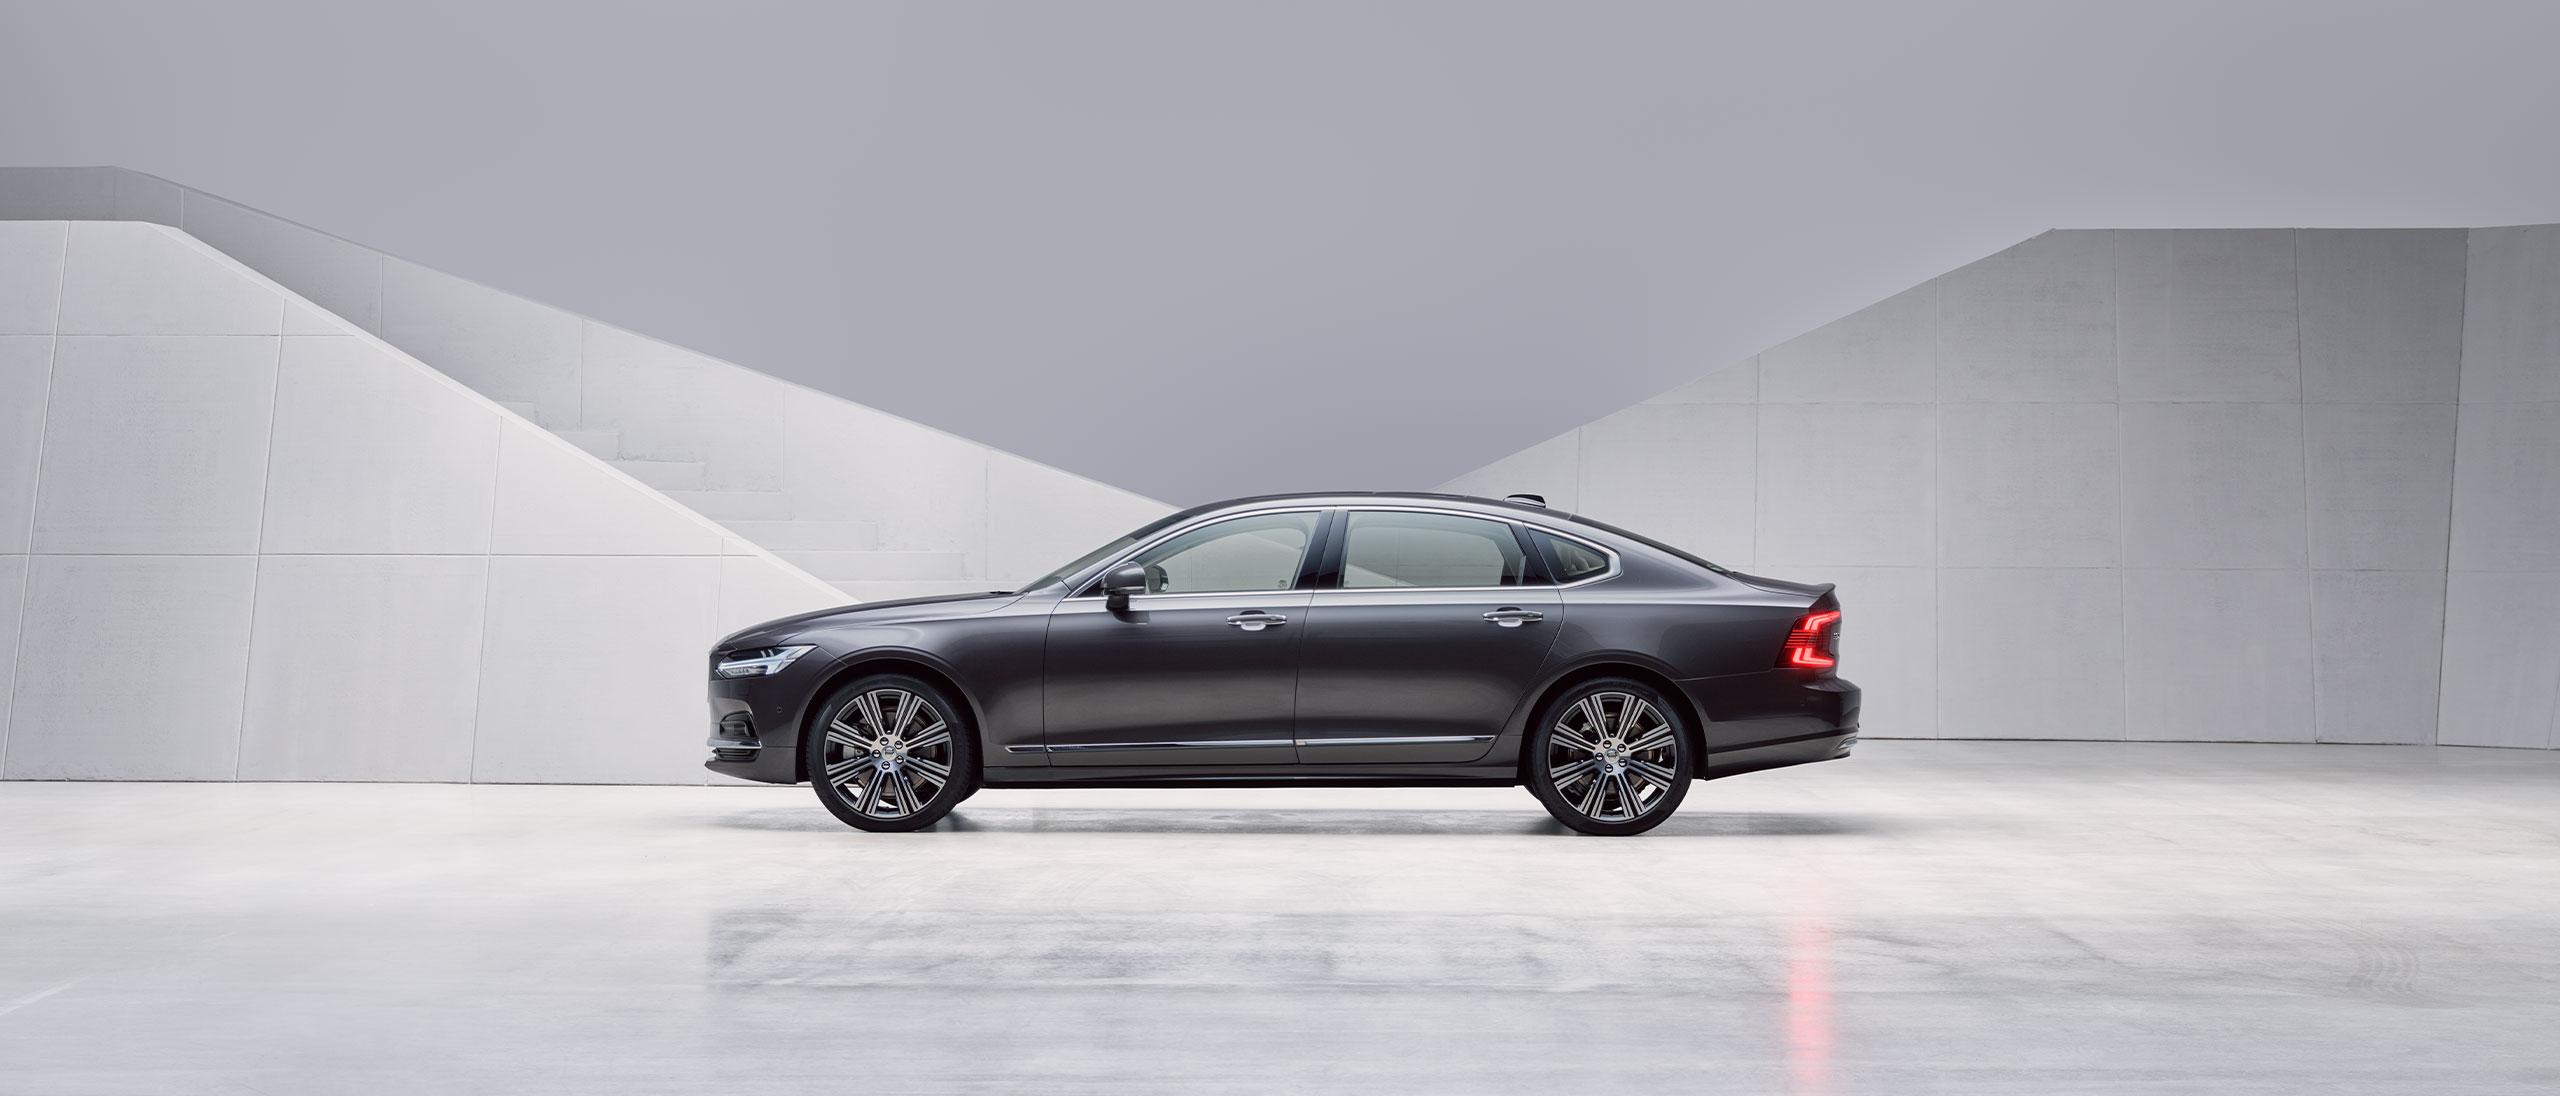 Тъмно Volvo S90, паркирано пред сива стена.